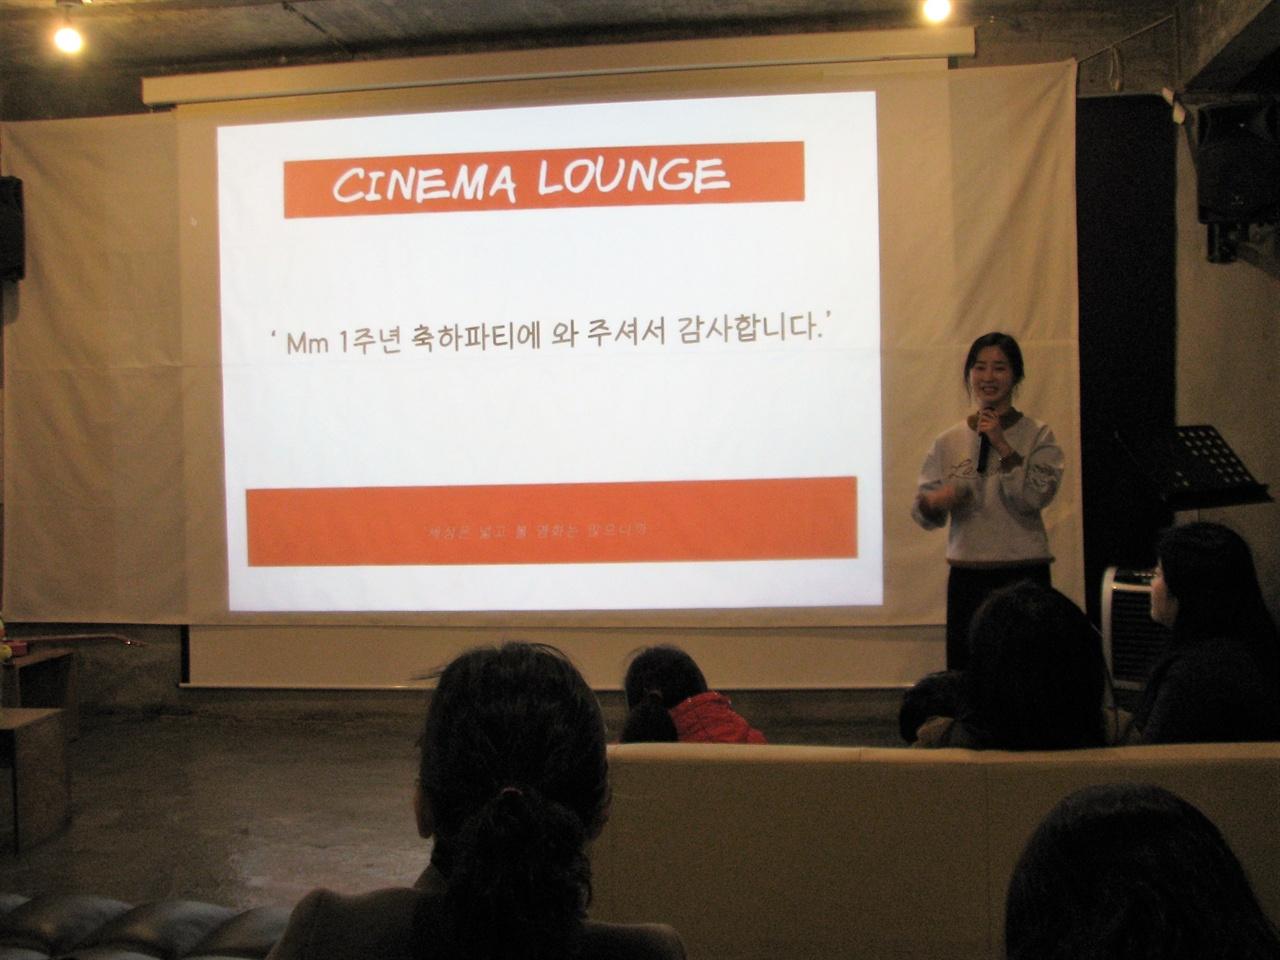 9일 저녁 목포독립영화관 시네마라운지MM에서 열린 개관 1주년 축하행사